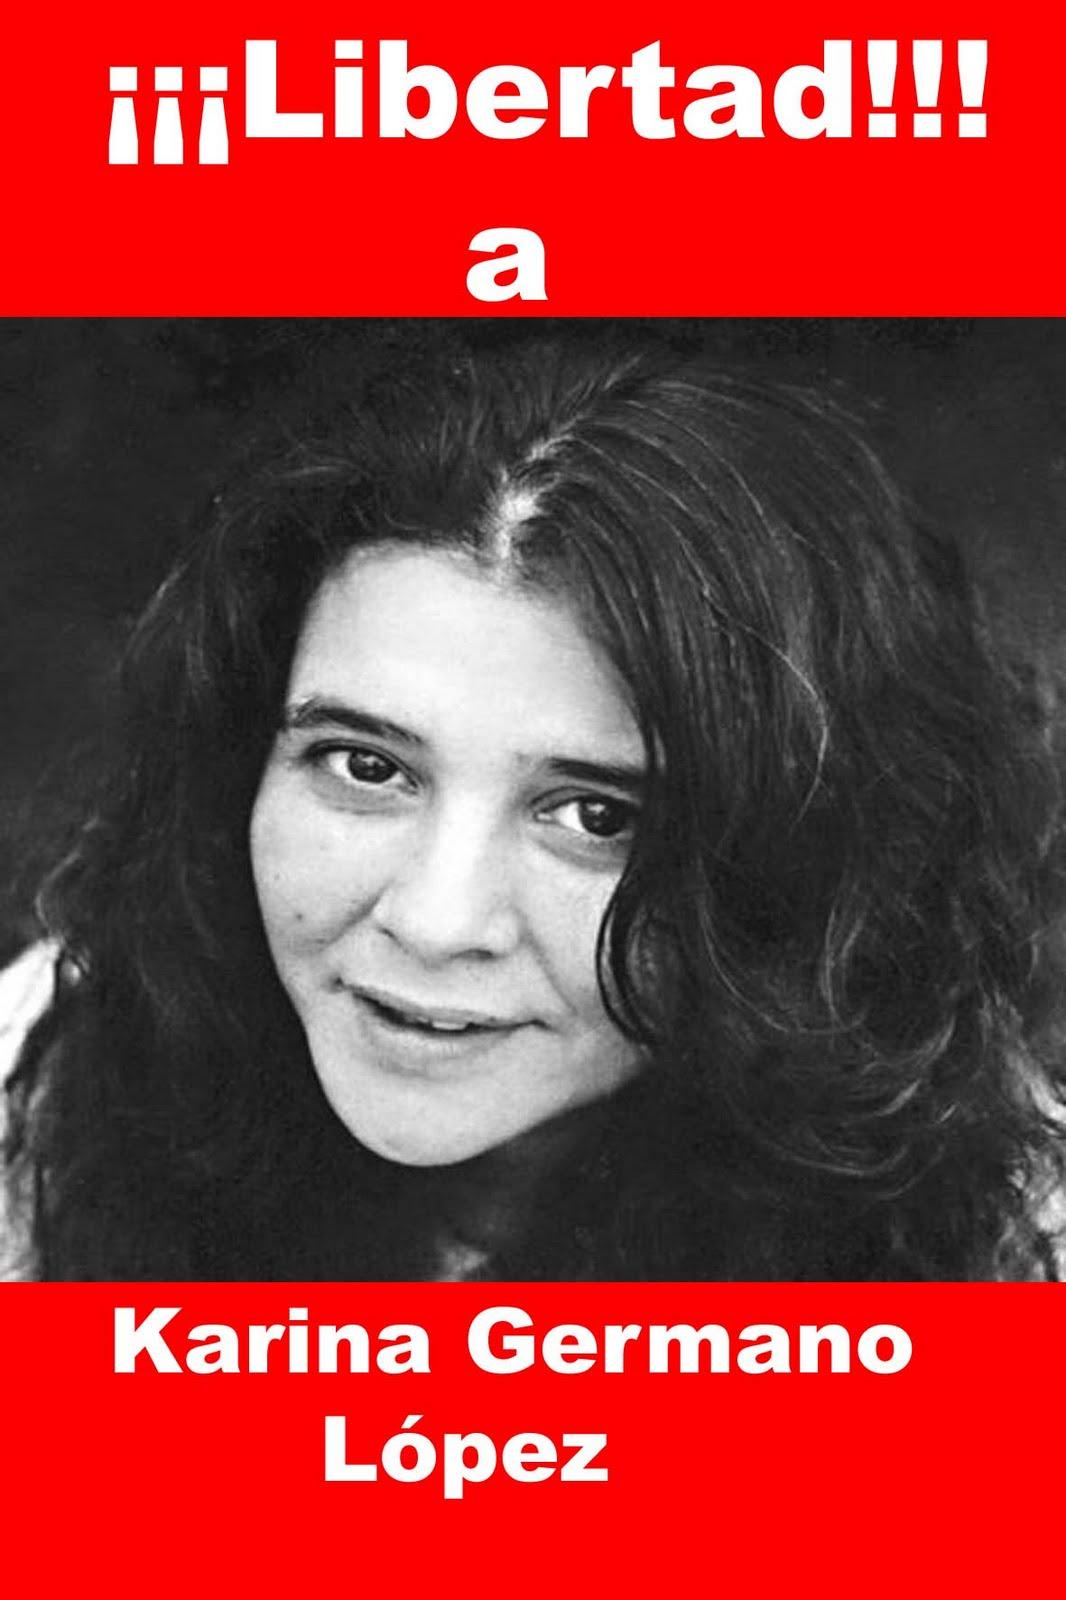 Karina Germanoren askatasuna eskatzeko kanpaina